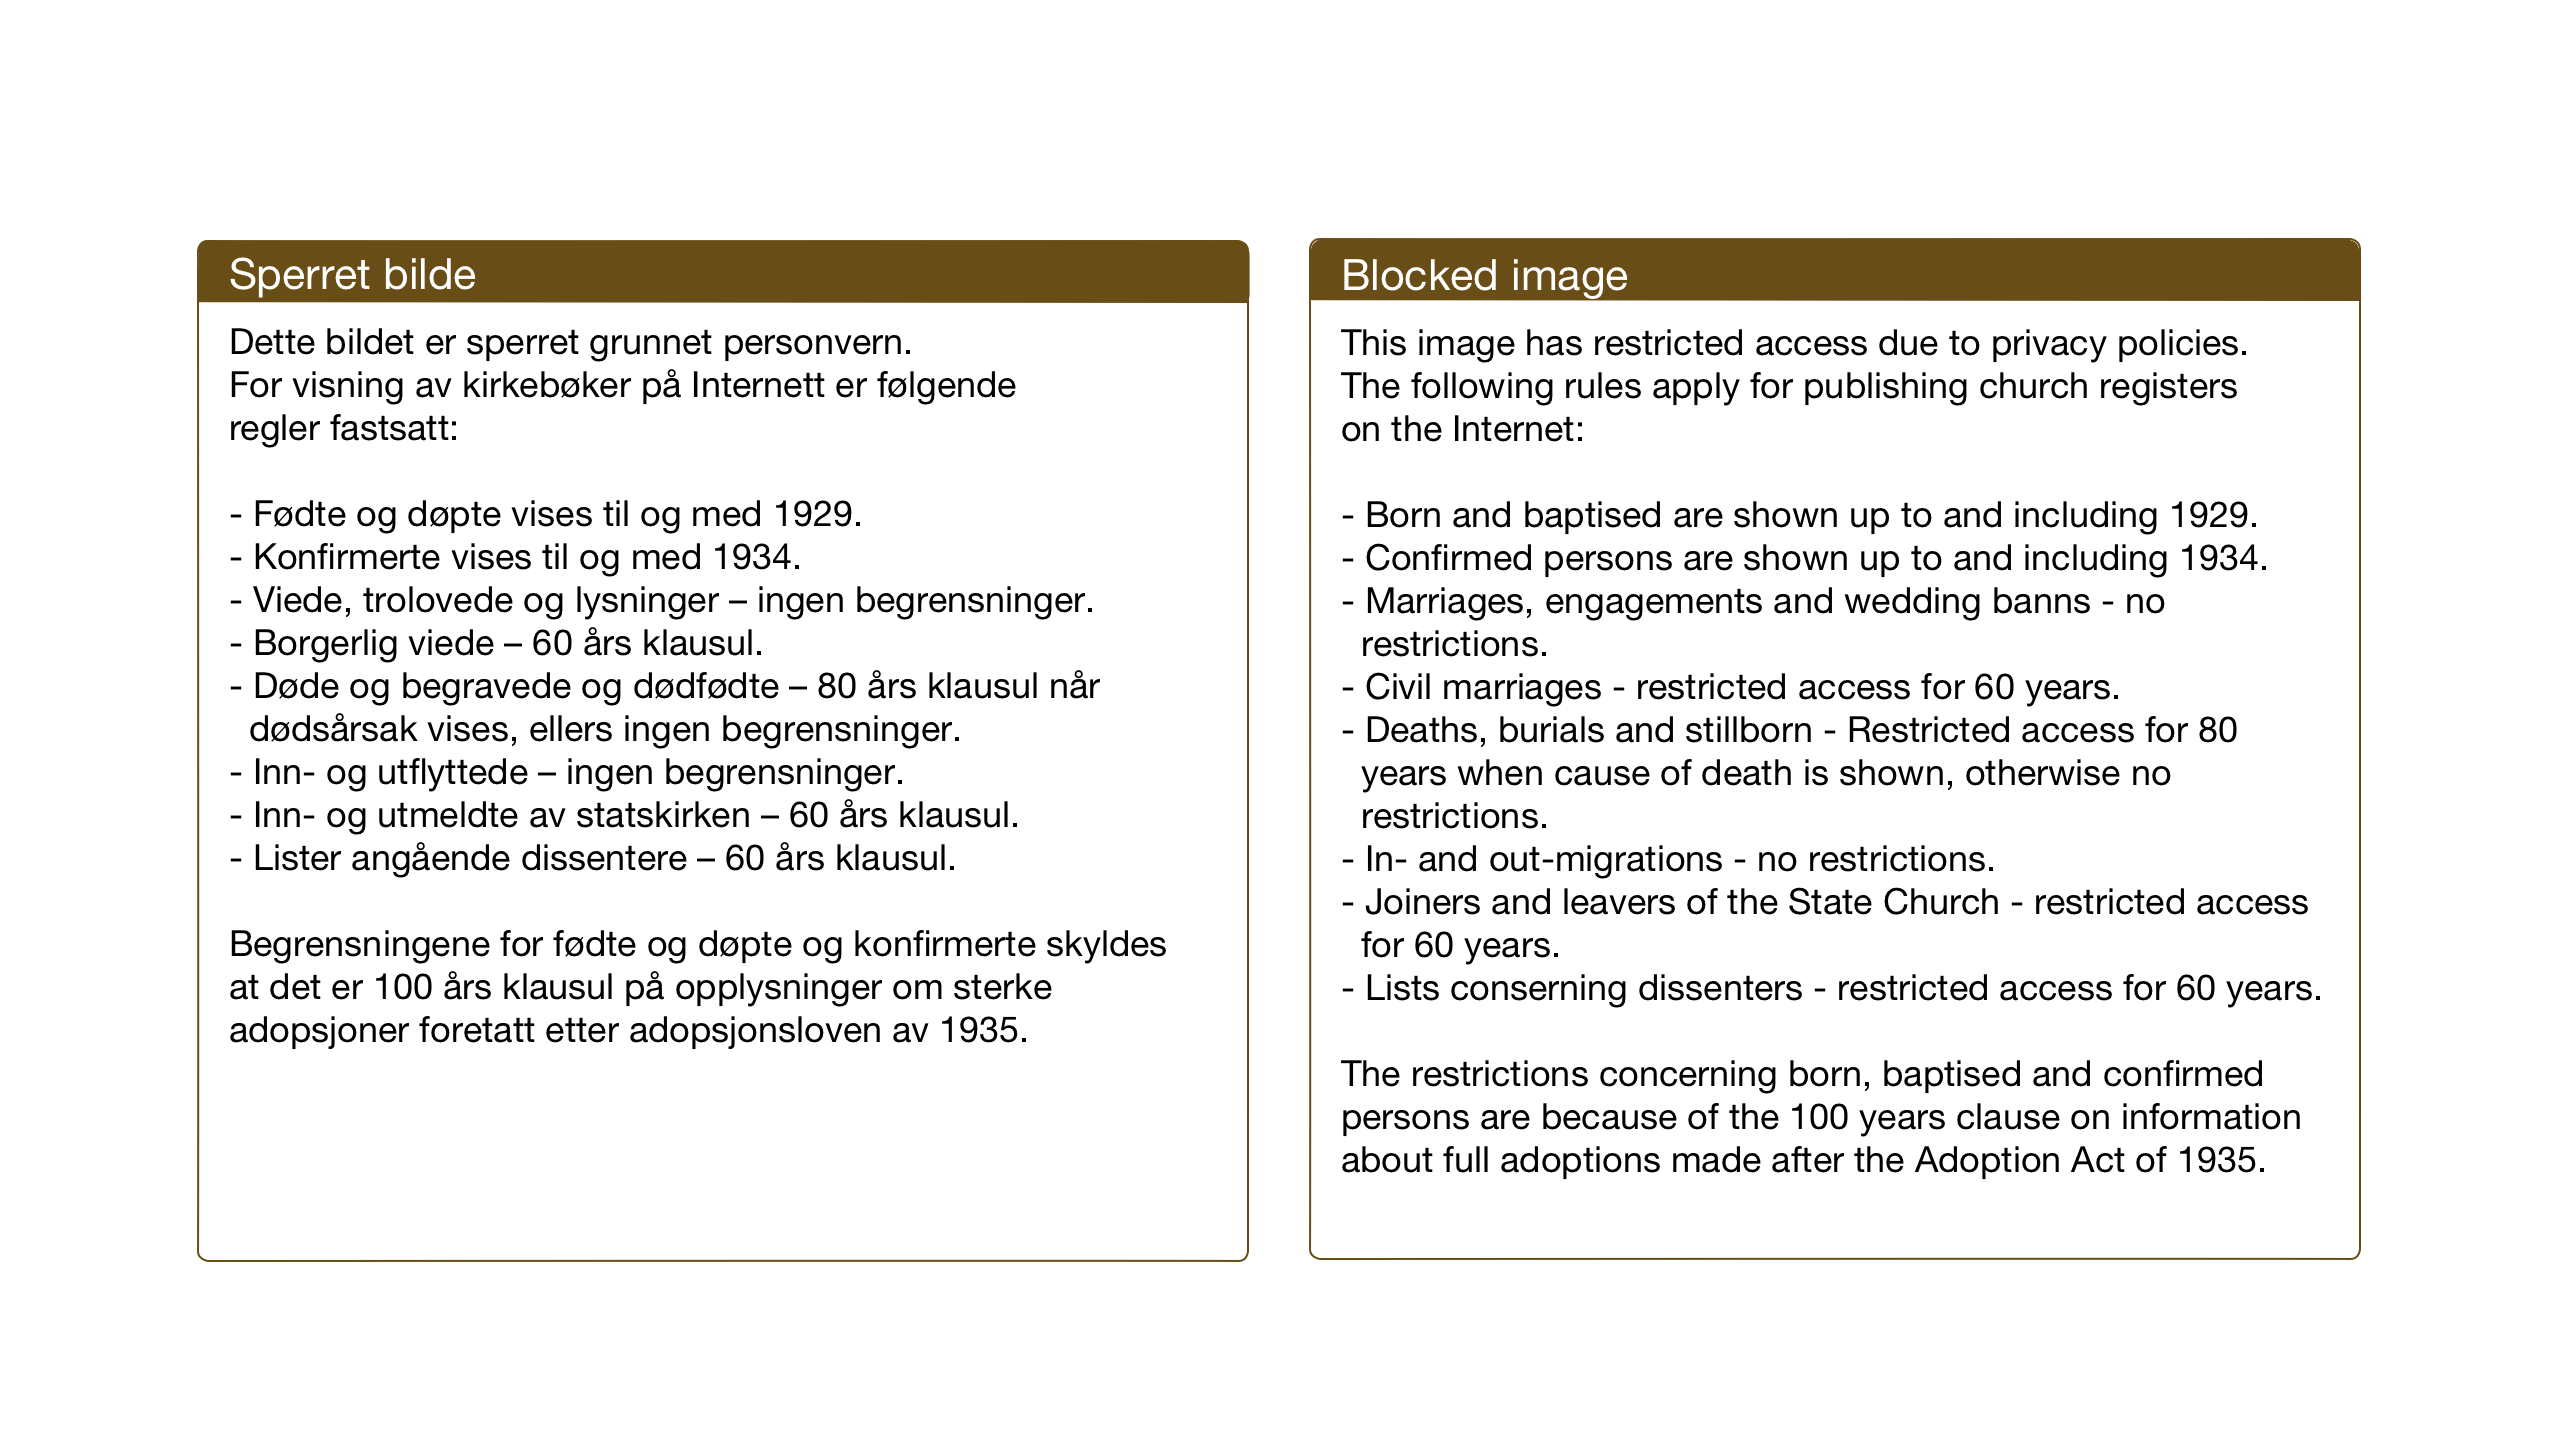 SAT, Ministerialprotokoller, klokkerbøker og fødselsregistre - Sør-Trøndelag, 682/L0947: Klokkerbok nr. 682C01, 1926-1968, s. 58